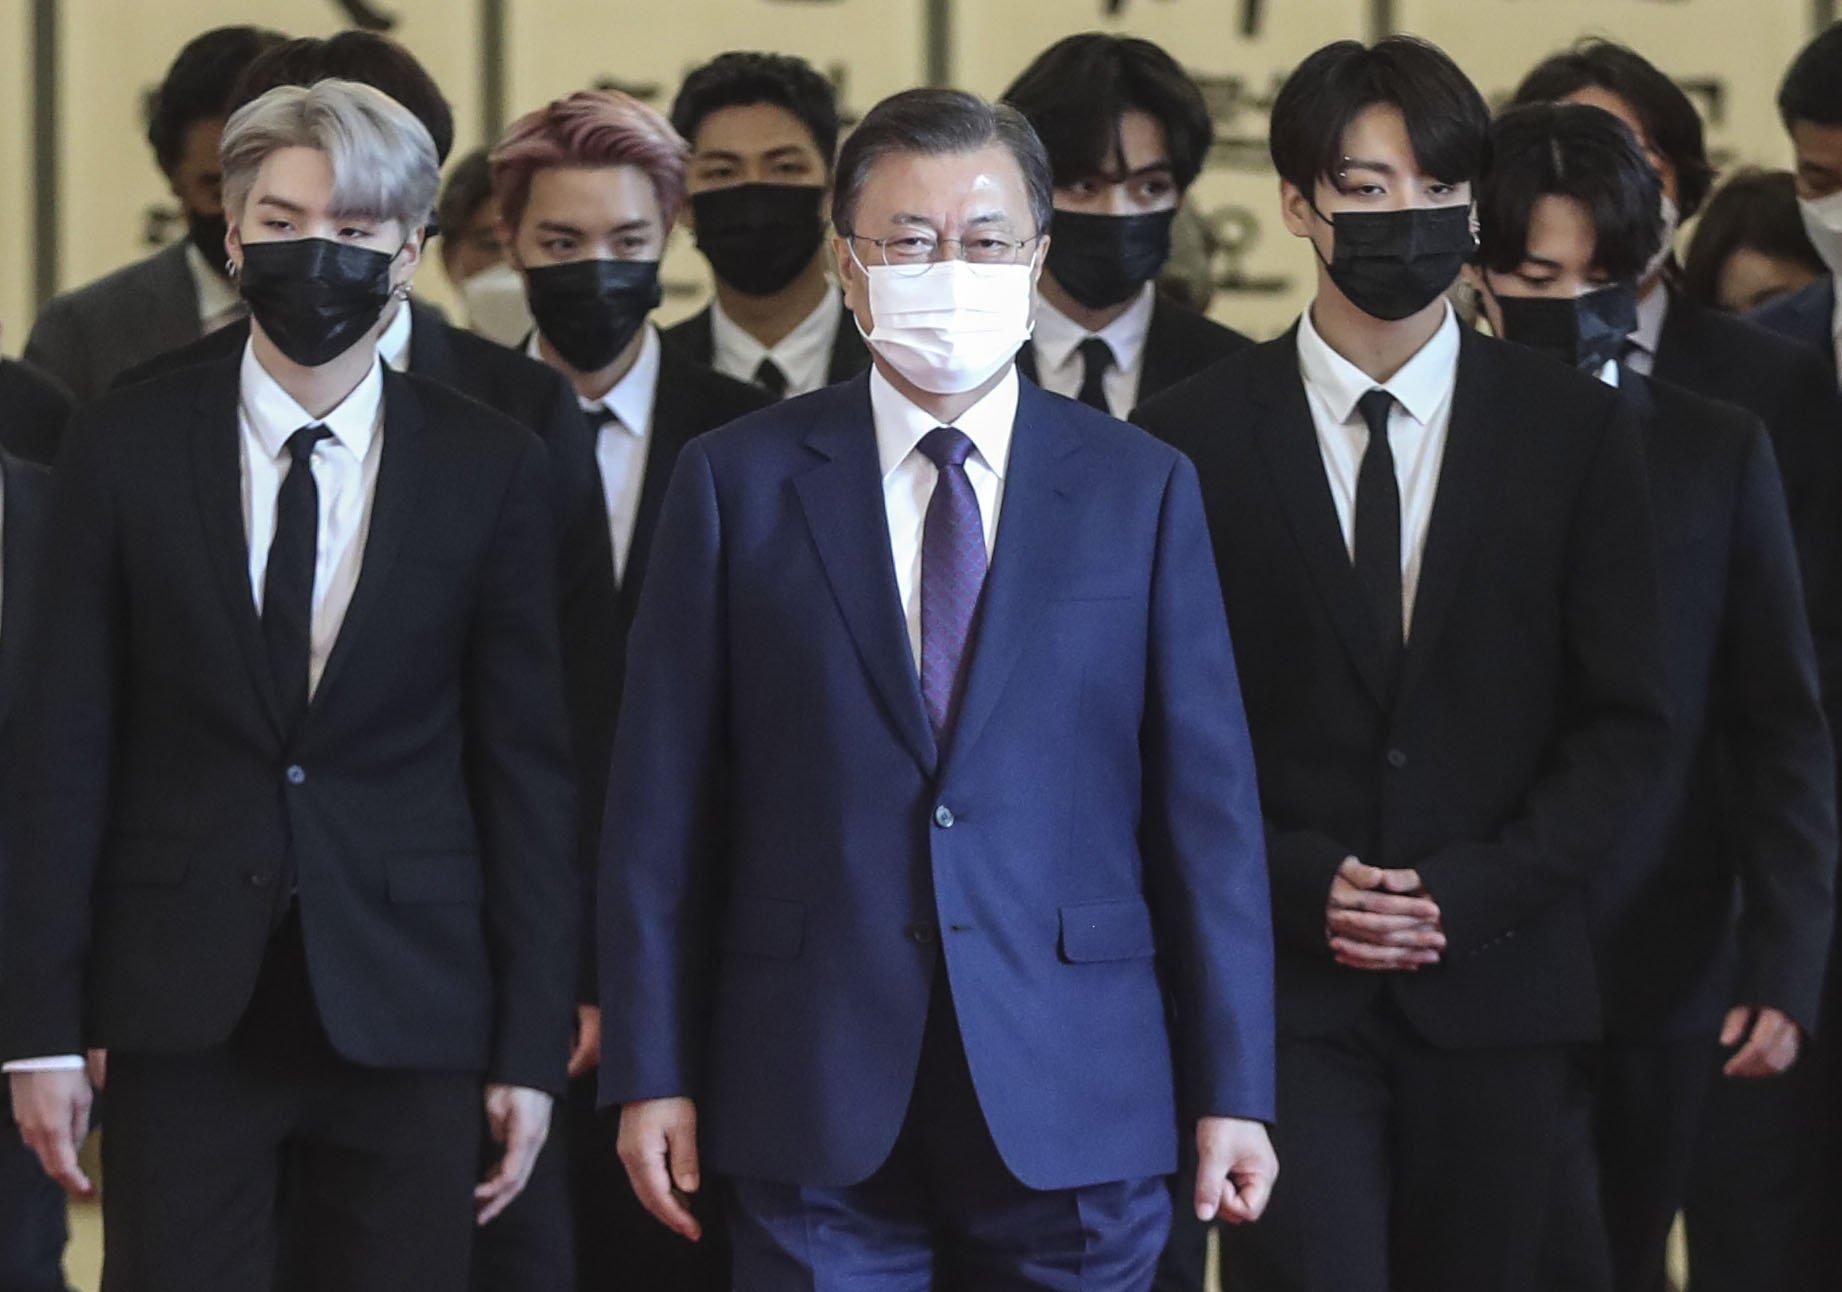 BTS, 청와대서 붉은 '외교관 여권' 받았다…제이홉 '엄지 척' [이 시각] | 중앙일보